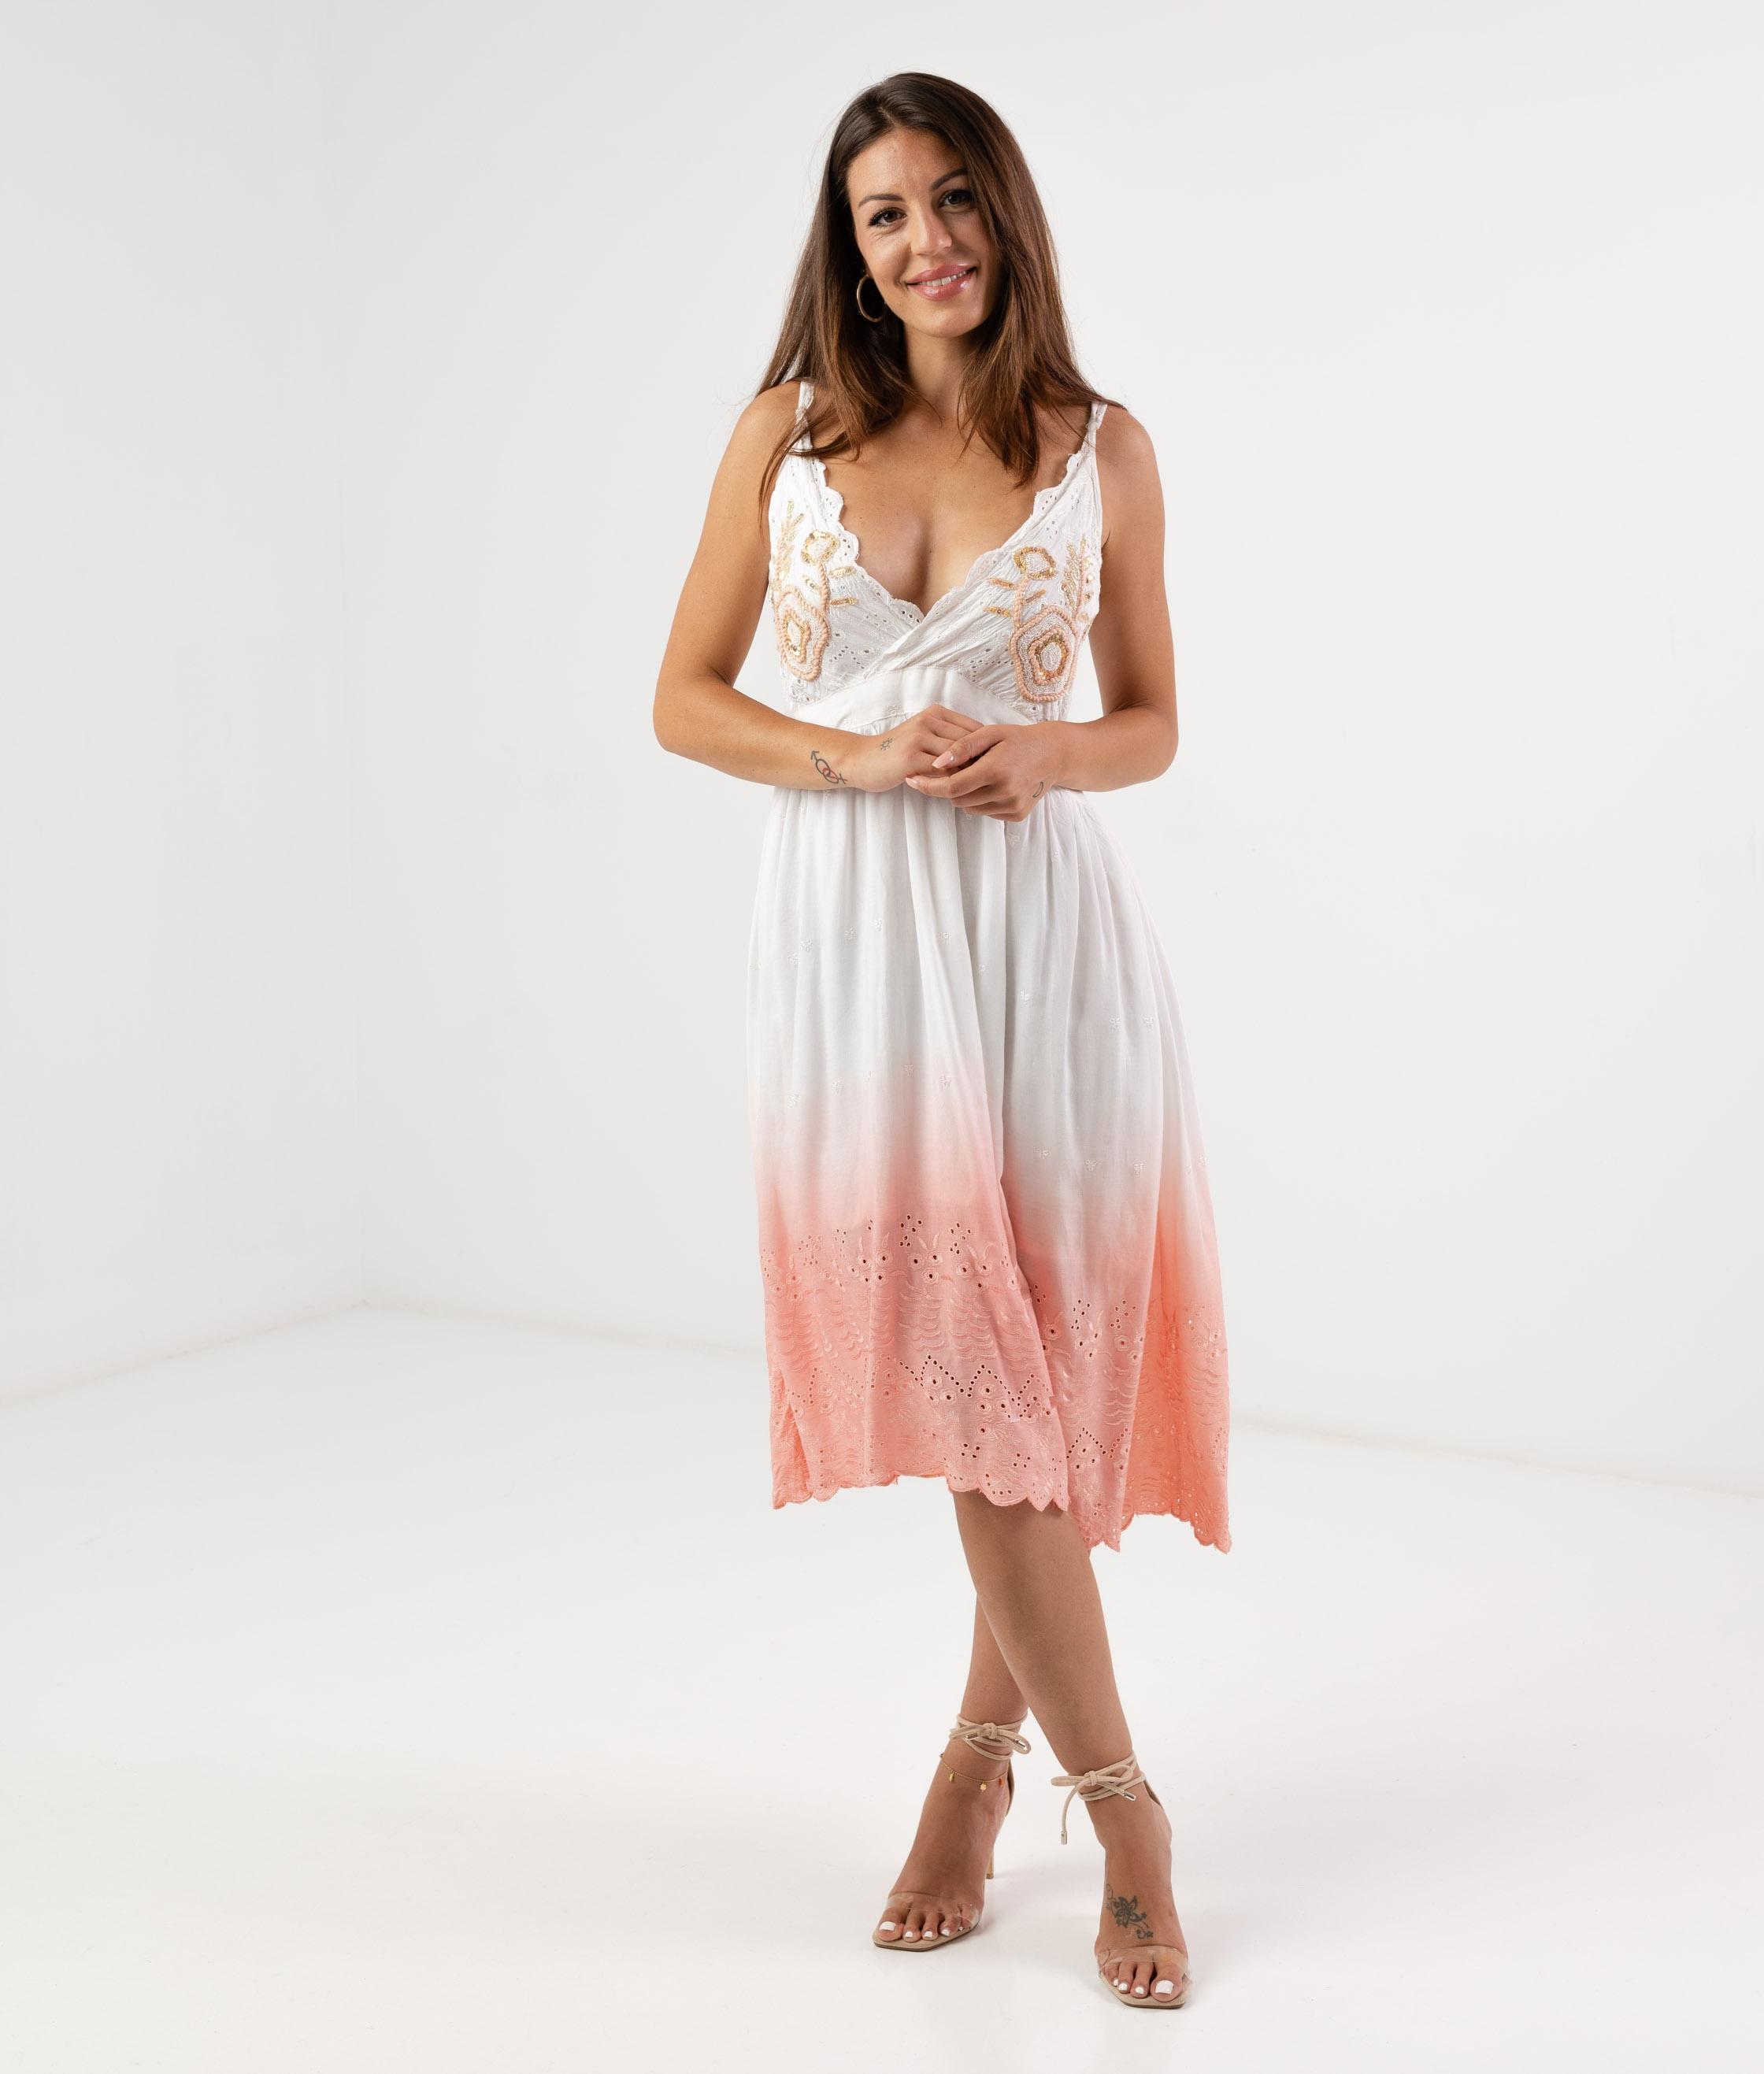 TERBRE DRESS - PINK